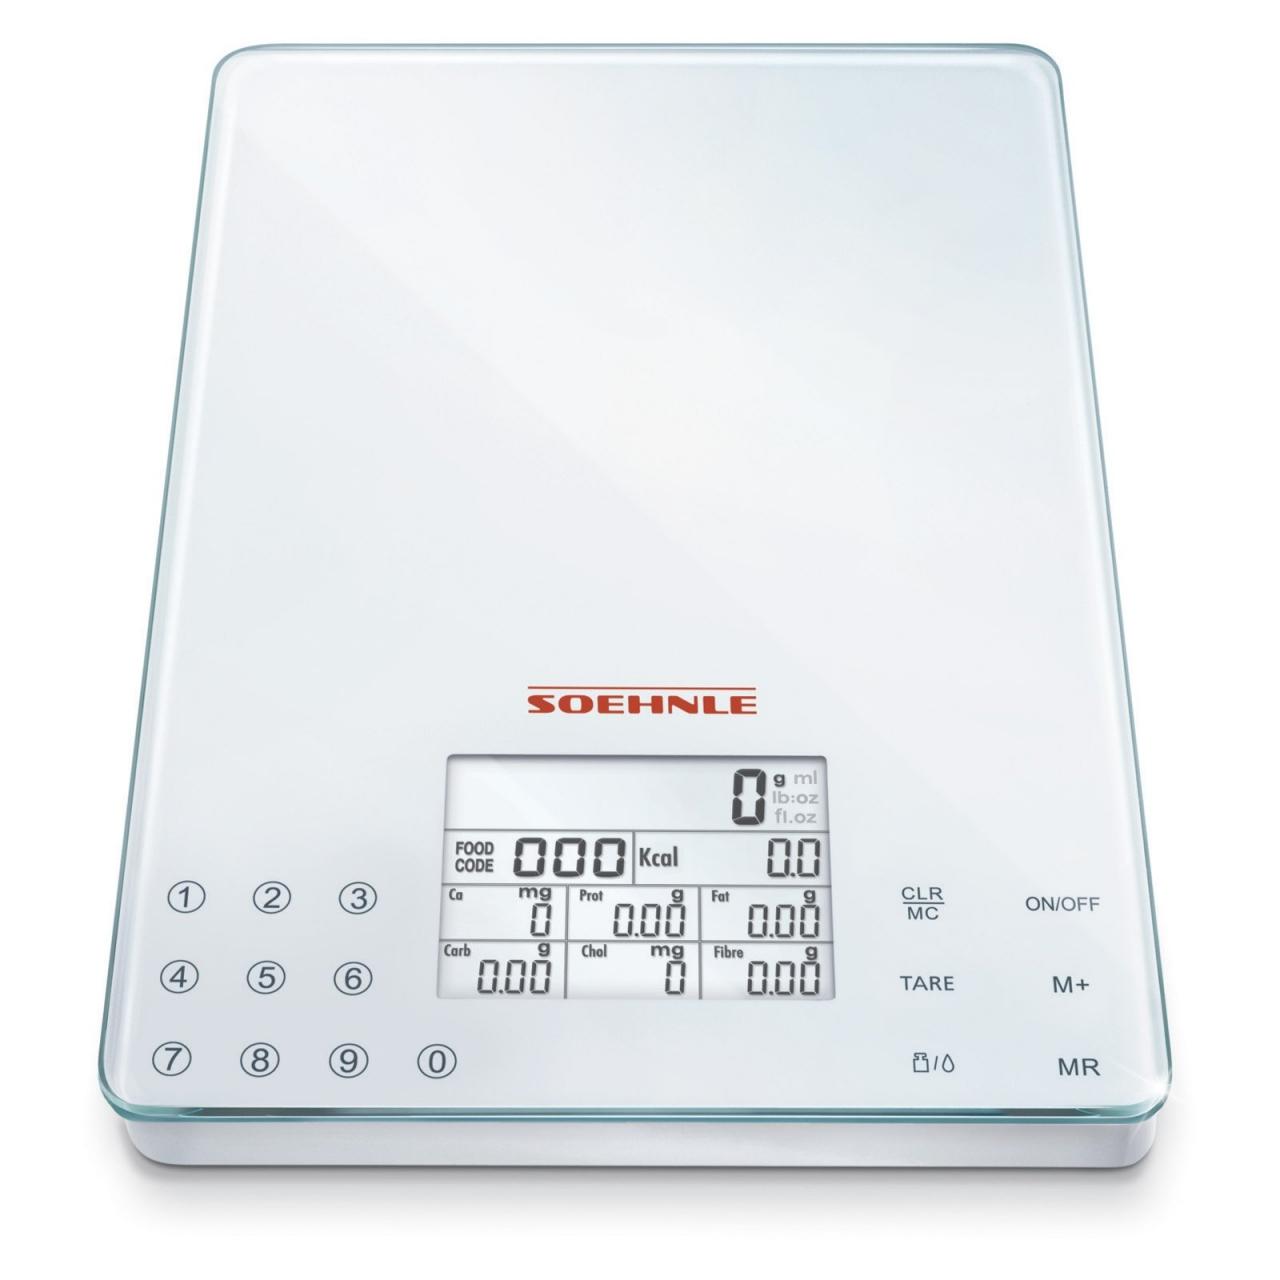 Soehnle Nutriční kuchyňská váha FOOD CONTROL EASY – digitální SOEHNLE 66130